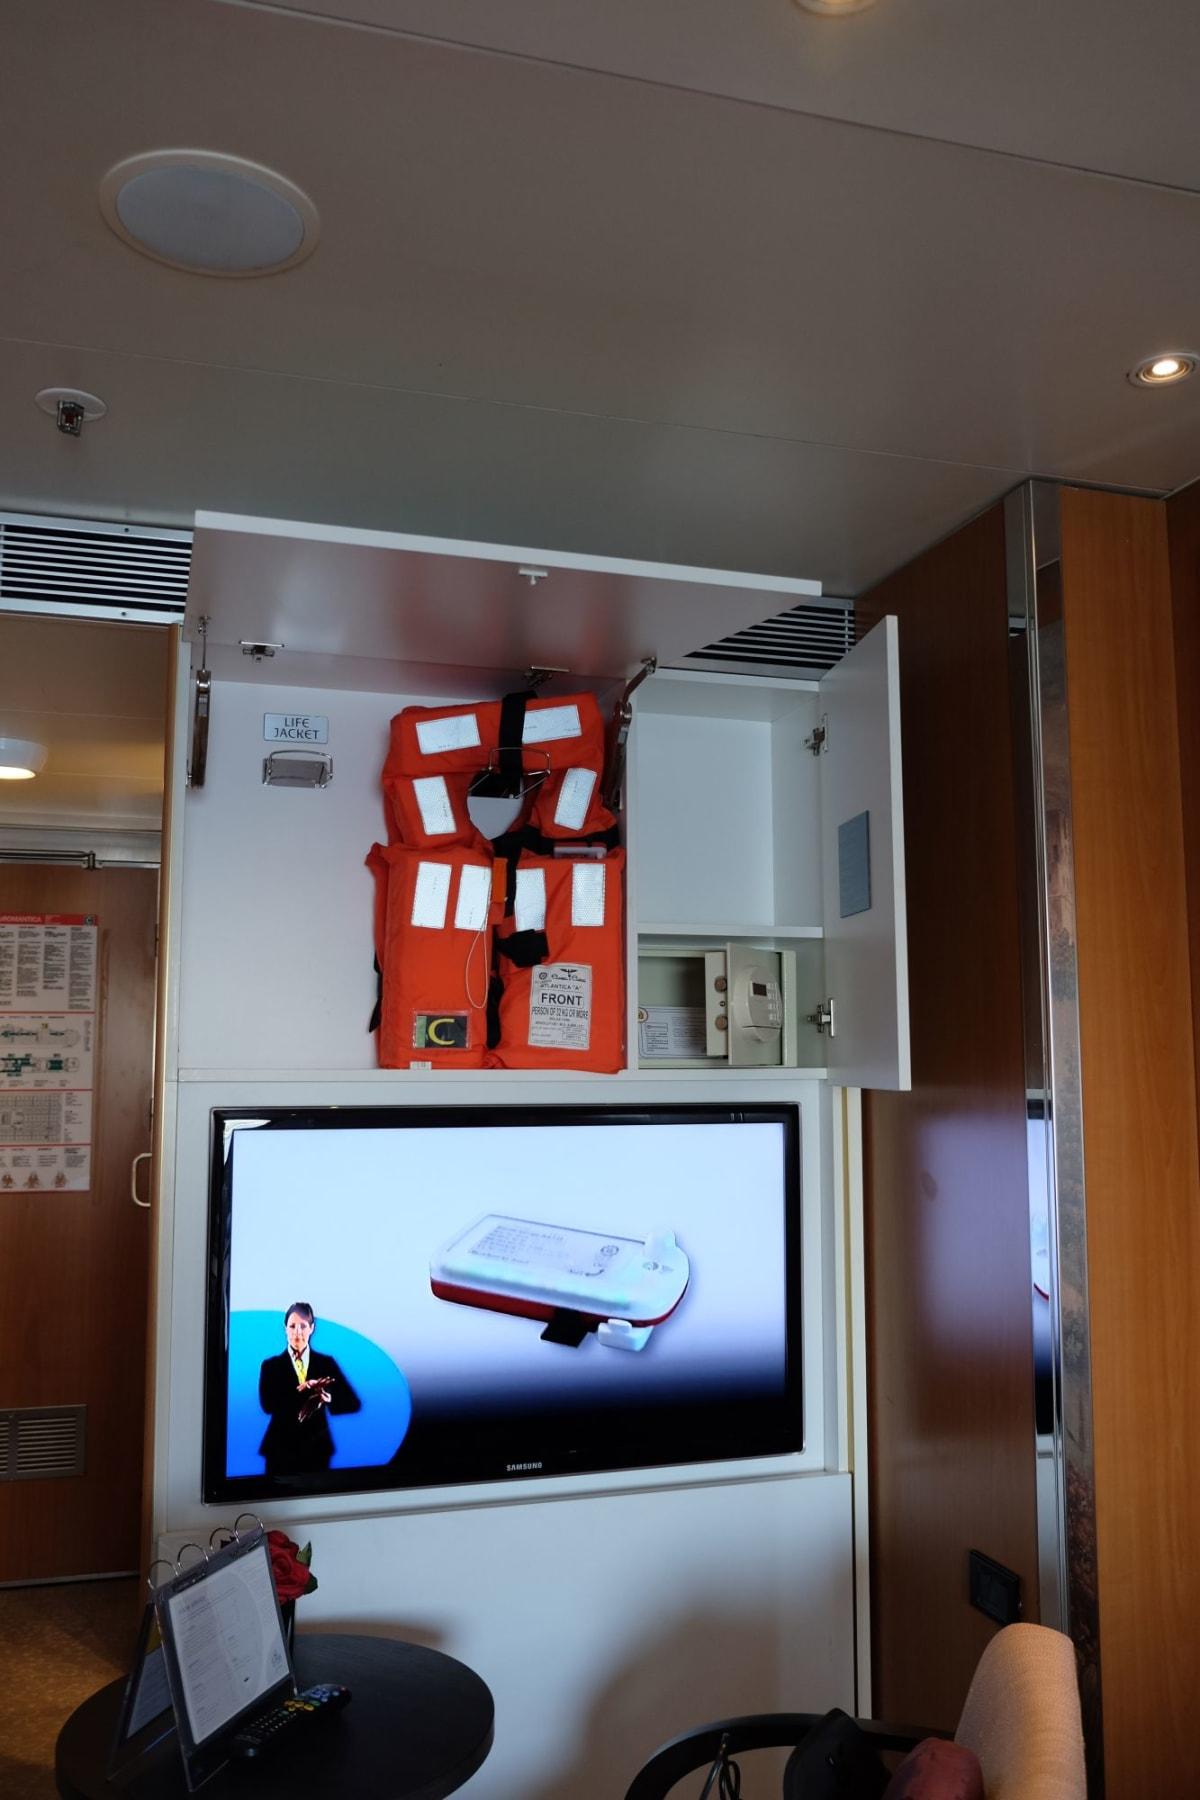 ライフジャケットはこちら。結構高い位置にあります   客船コスタ・ネオロマンチカの客室